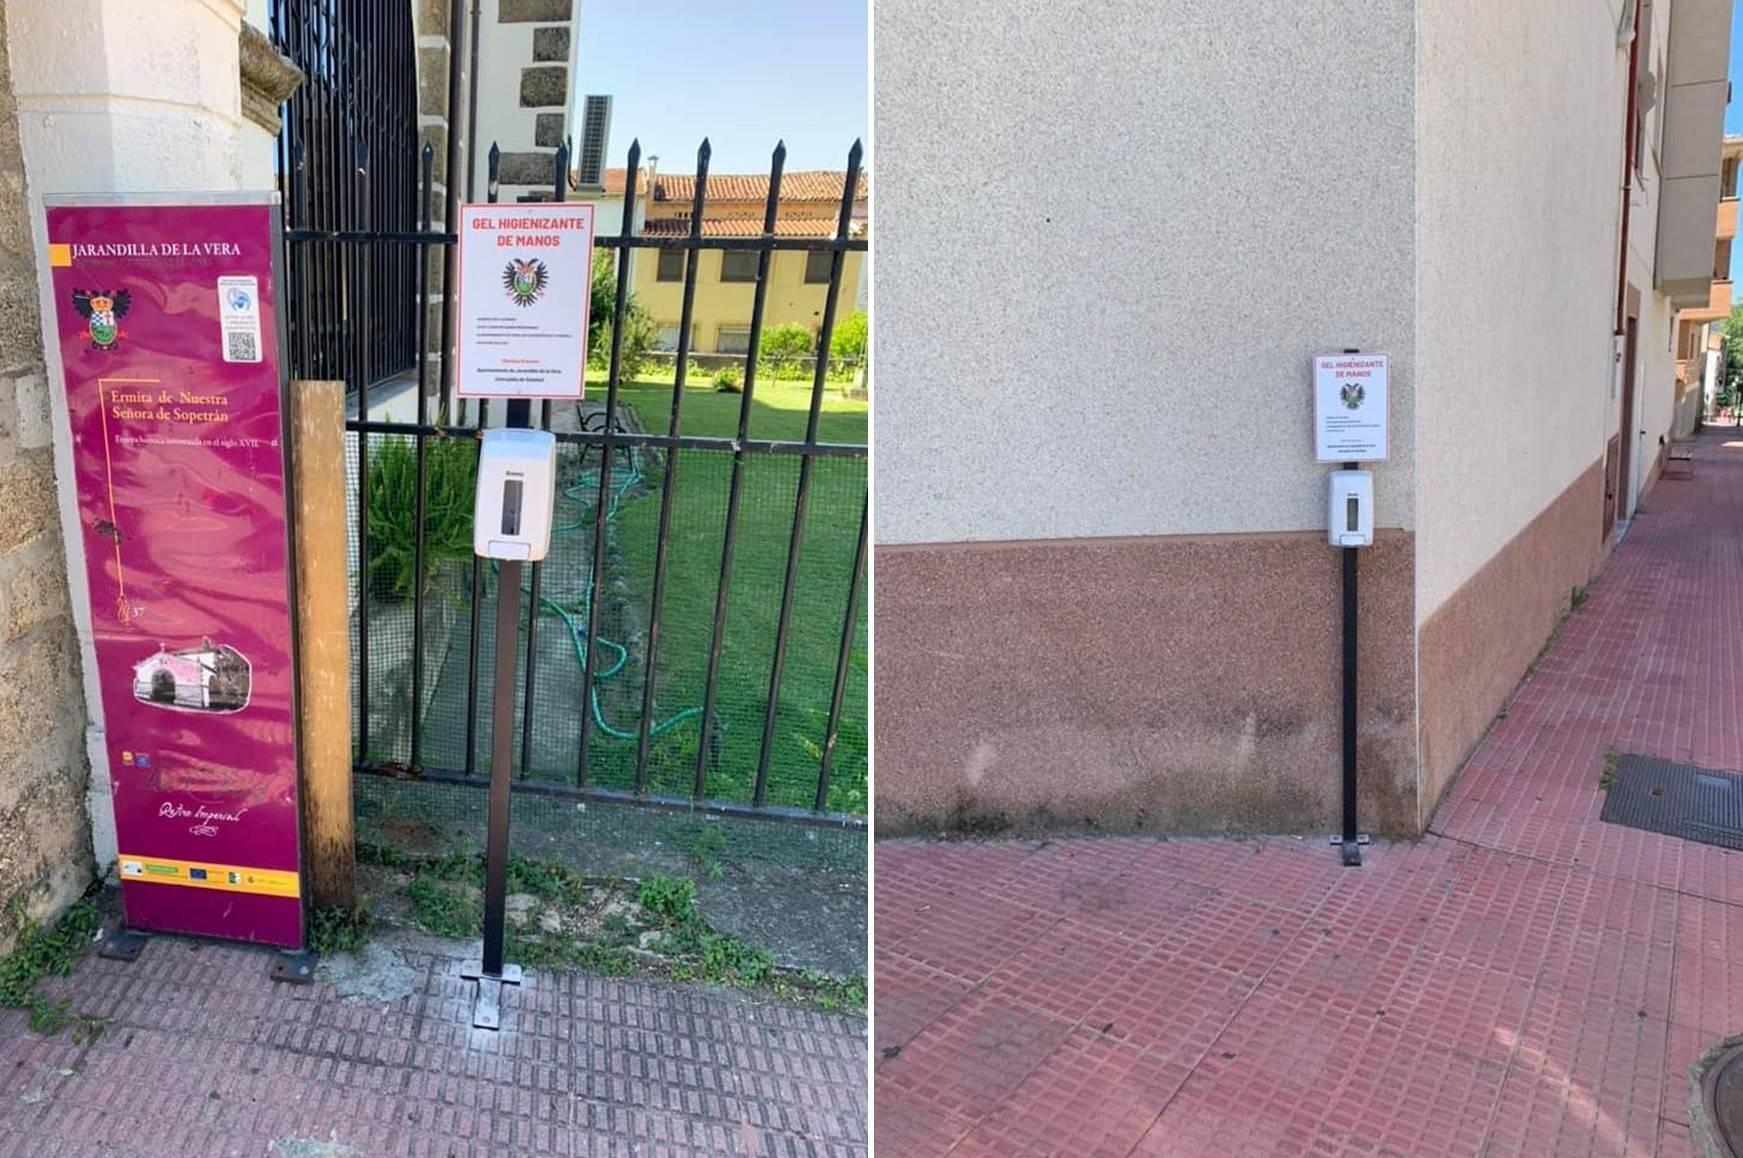 Se instalan 100 puntos de desinfección de manos 2020 - Jarandilla de la Vera (Cáceres)